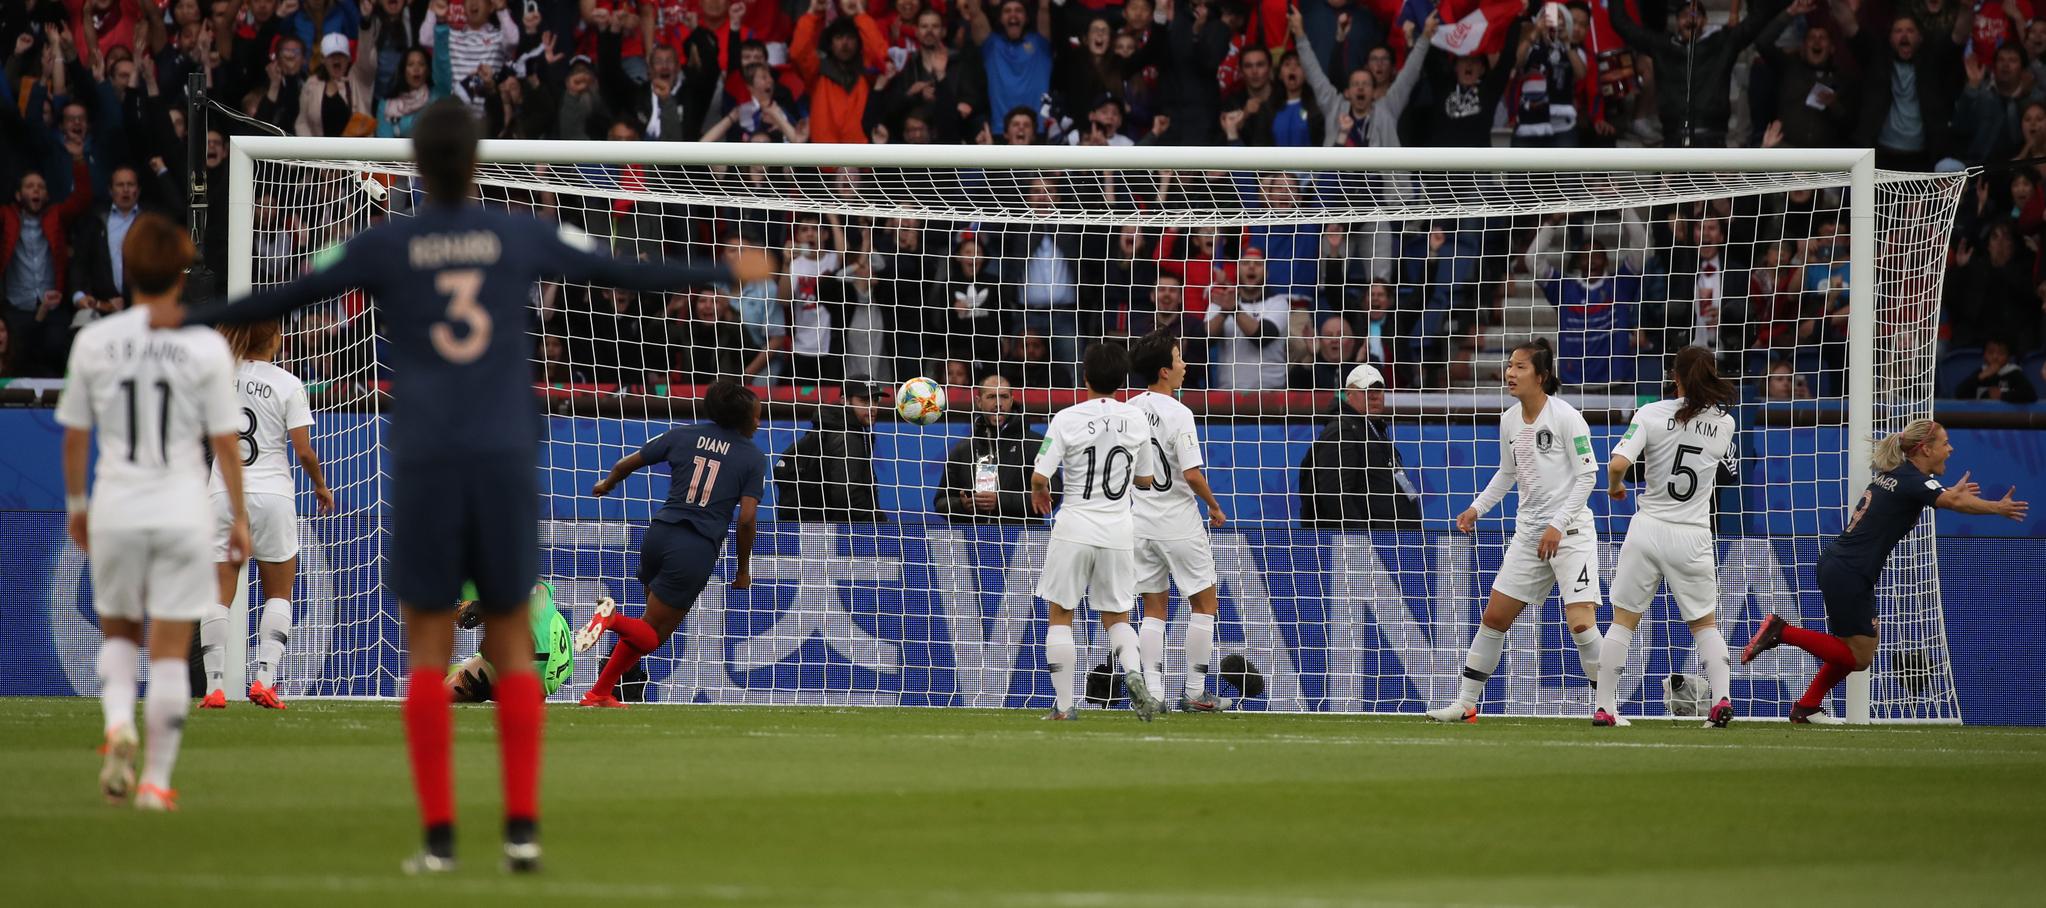 7일(현시간) 프랑스 파리 파르크 데 프랭스에서 열린 2019 국제축구연맹(FIFA) 프랑스 여자 월드컵 조별리그 A조 1차전 한국과 프랑스의 경기. 한국이 실점하고 있다. [연합뉴스]